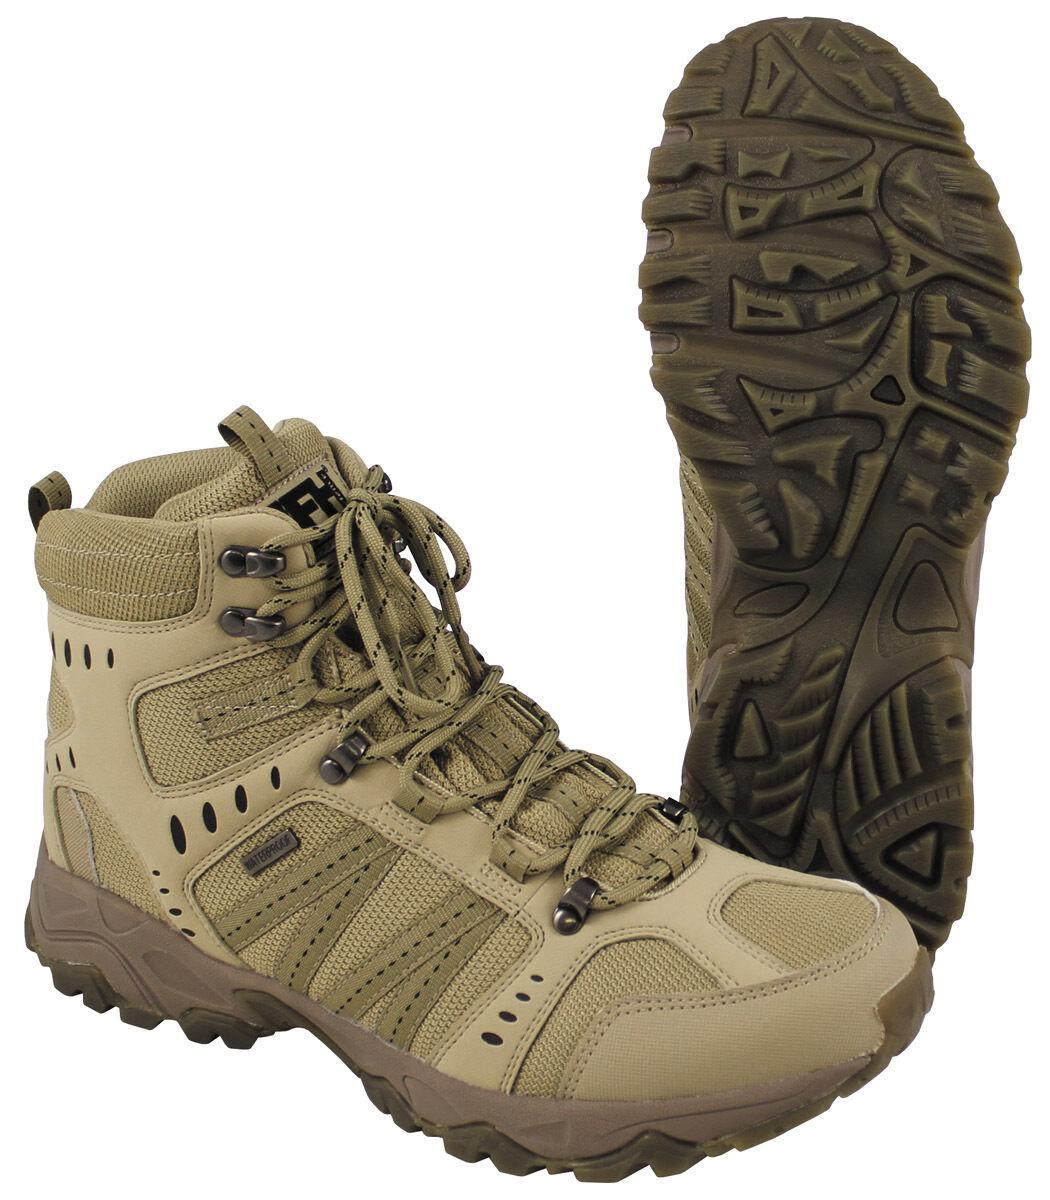 INSERTO MFH Stivali Scarpe Stivali Tactical Scarponcini Trekking Scarpe Stivali Scarpe 39-46 74eeb4